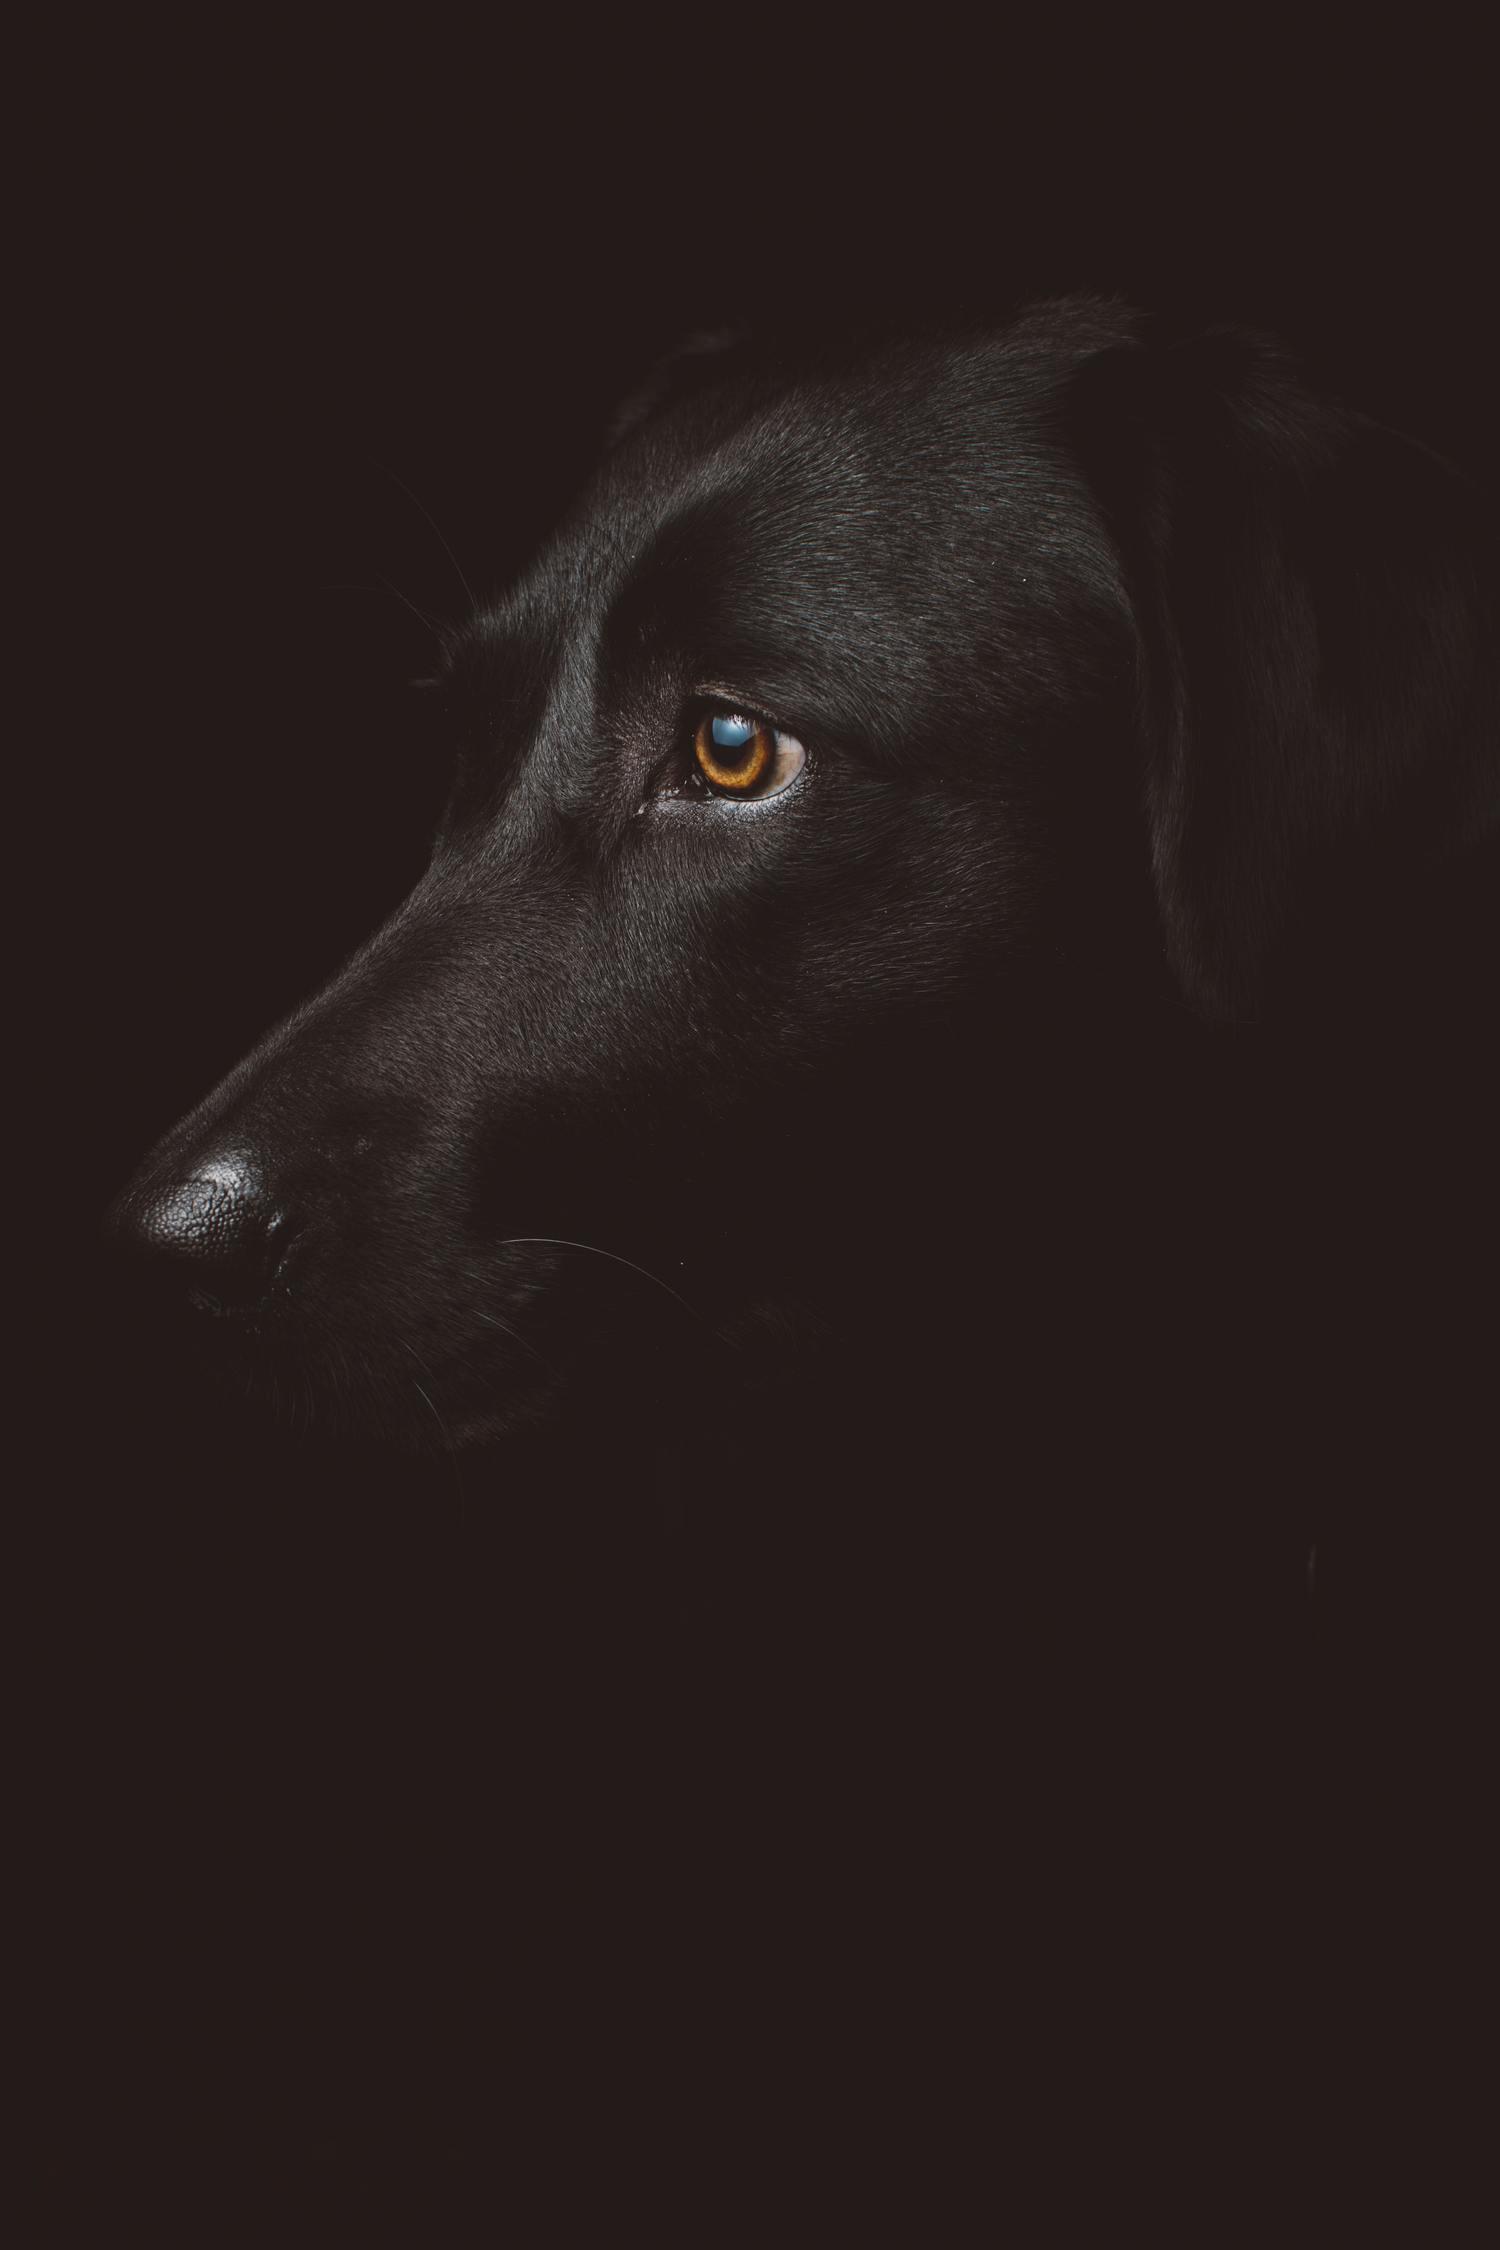 foto de perro en clave baja